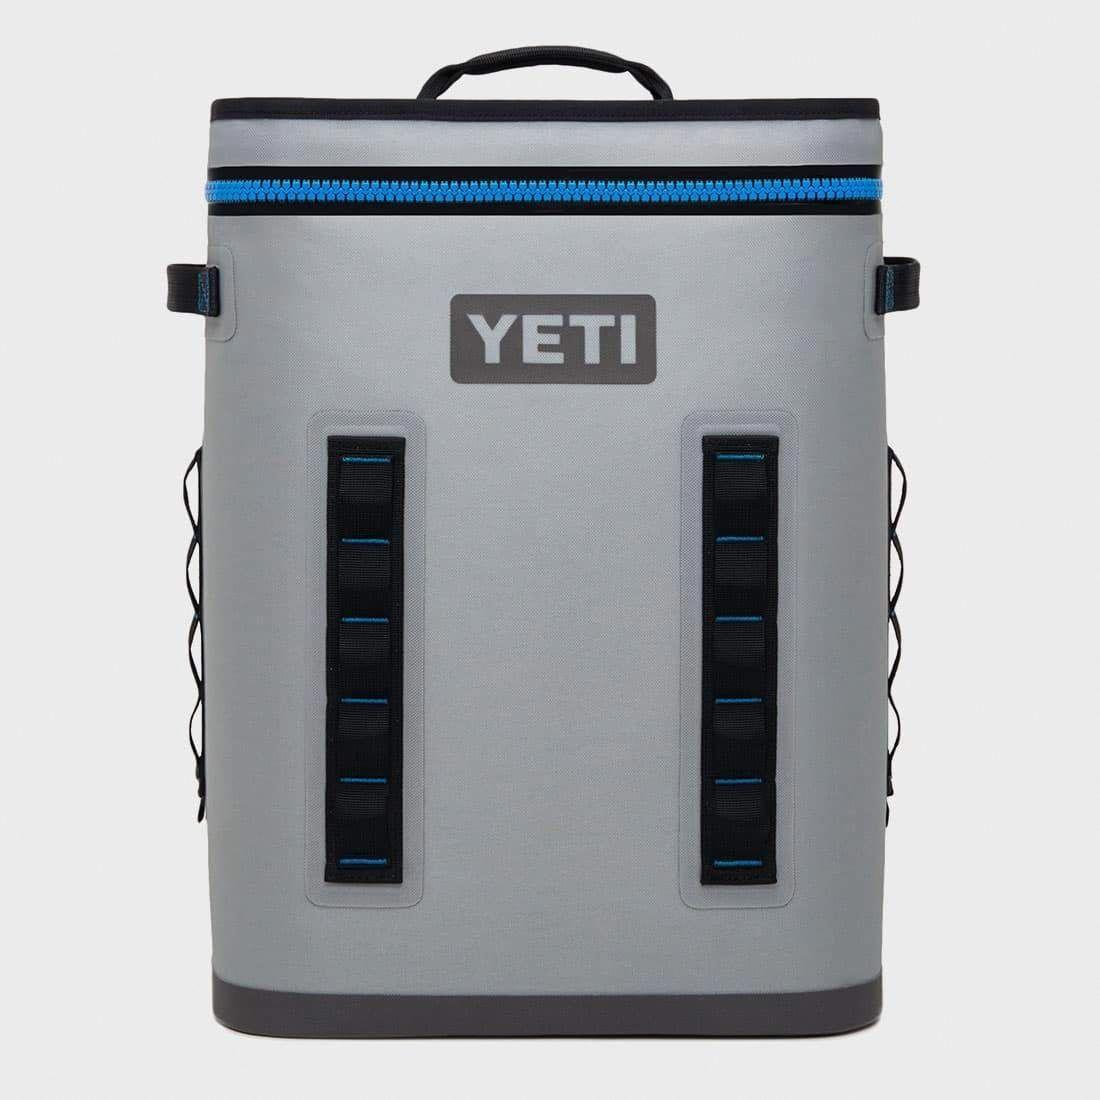 Yeti Hopper Backflip In 2020 Yeti Cooler Yeti Cooler